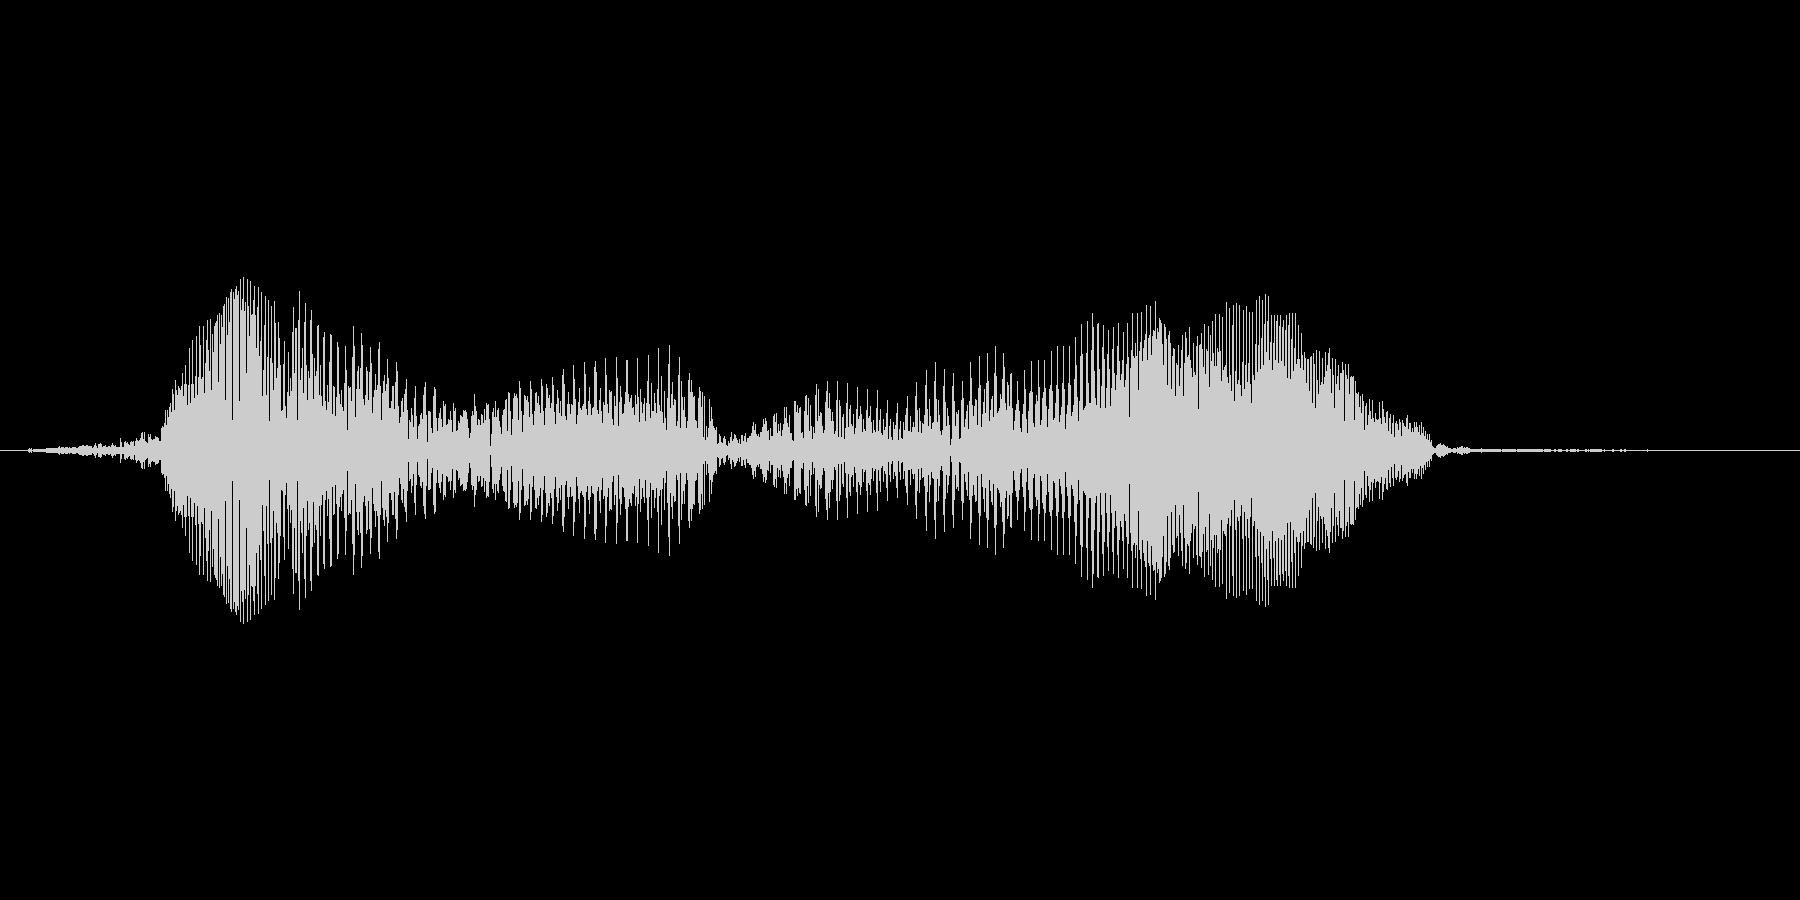 ちょろい♪(相手を倒した時など)の未再生の波形